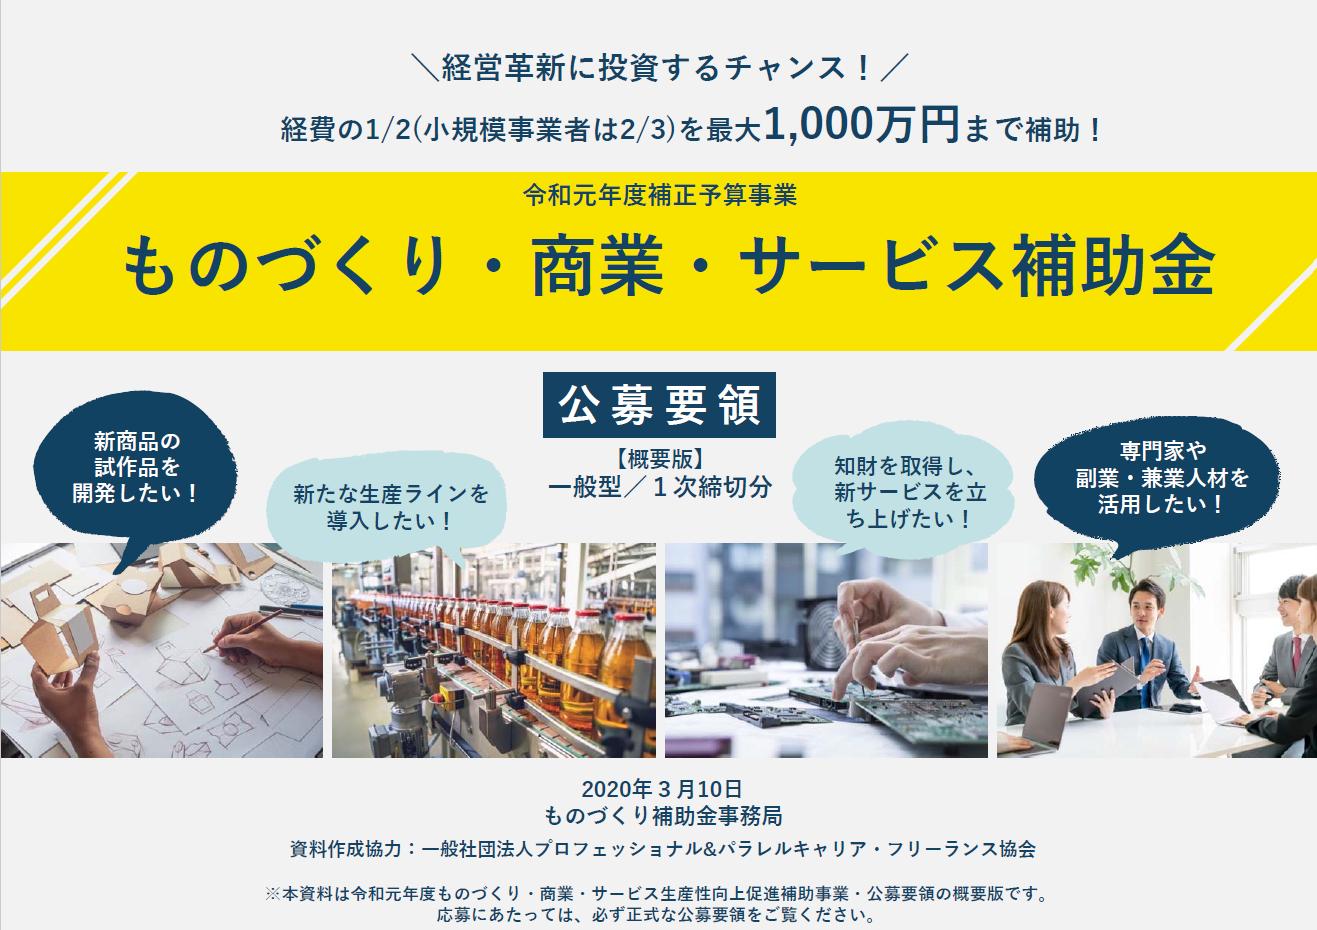 2020年「ものづくり・商業・サービス生産性向上促進補助金」公募開始 中小企業の設備投資等を支援!